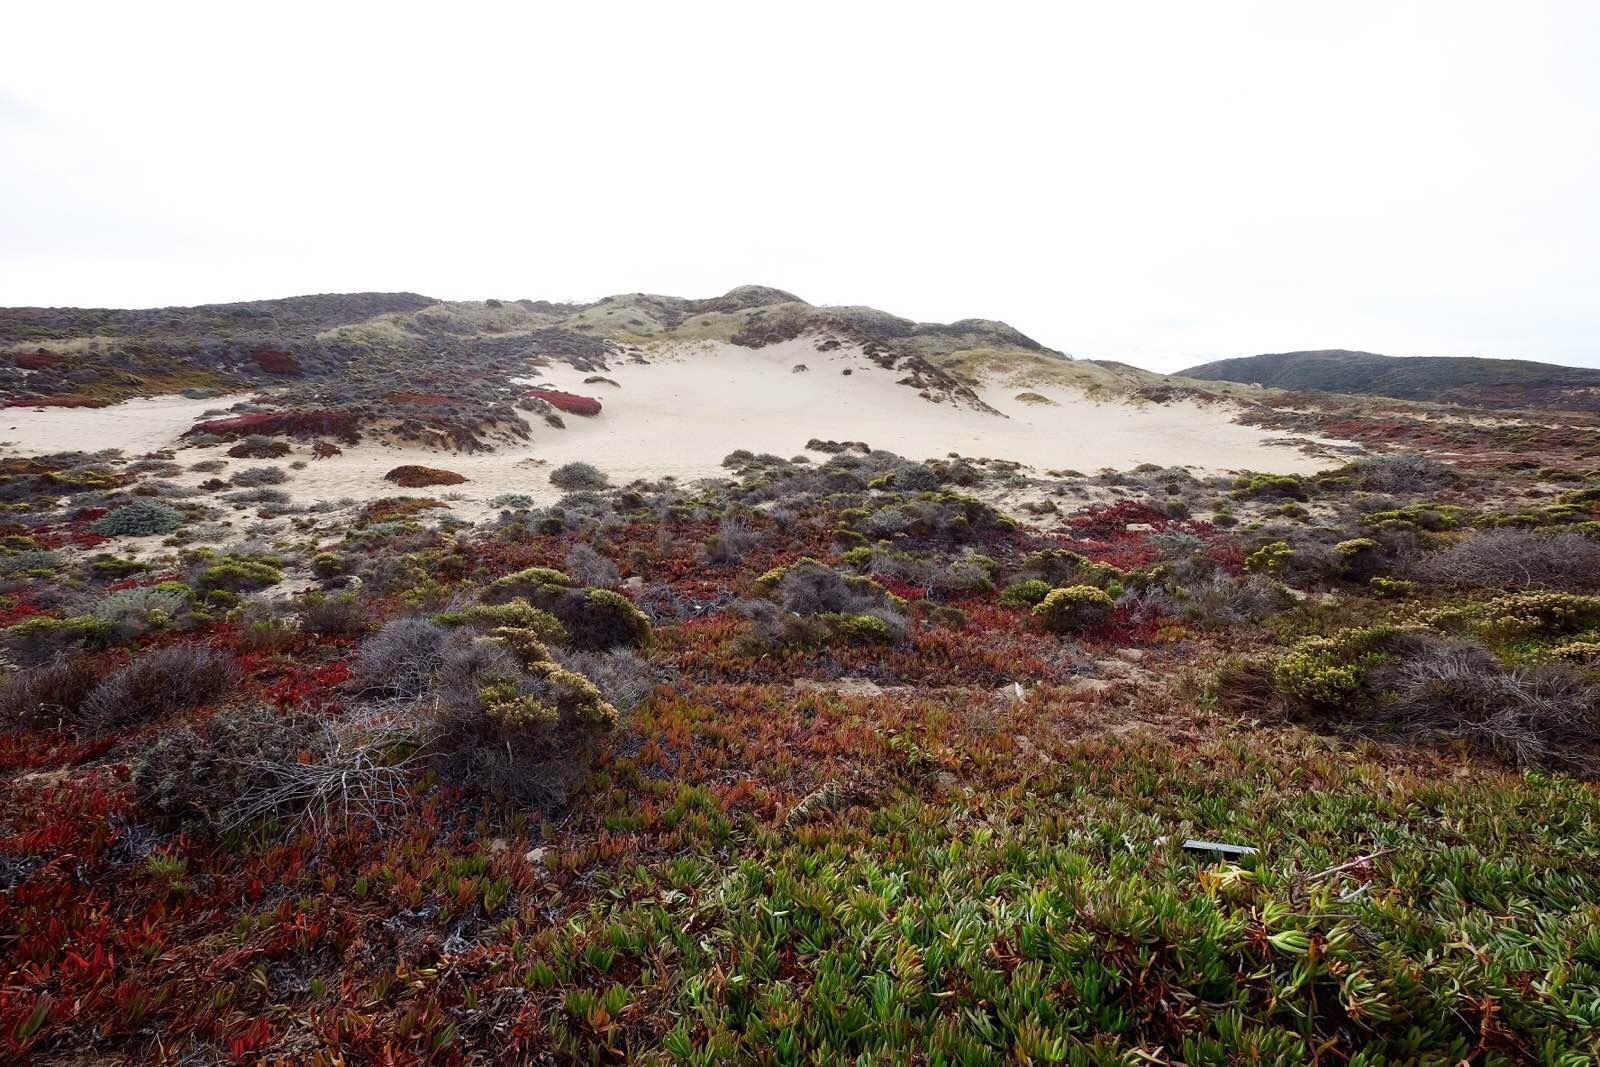 左面是平地而起斜插蓝天的山峰,各色花儿在绿色的草地上毯子般怒放着